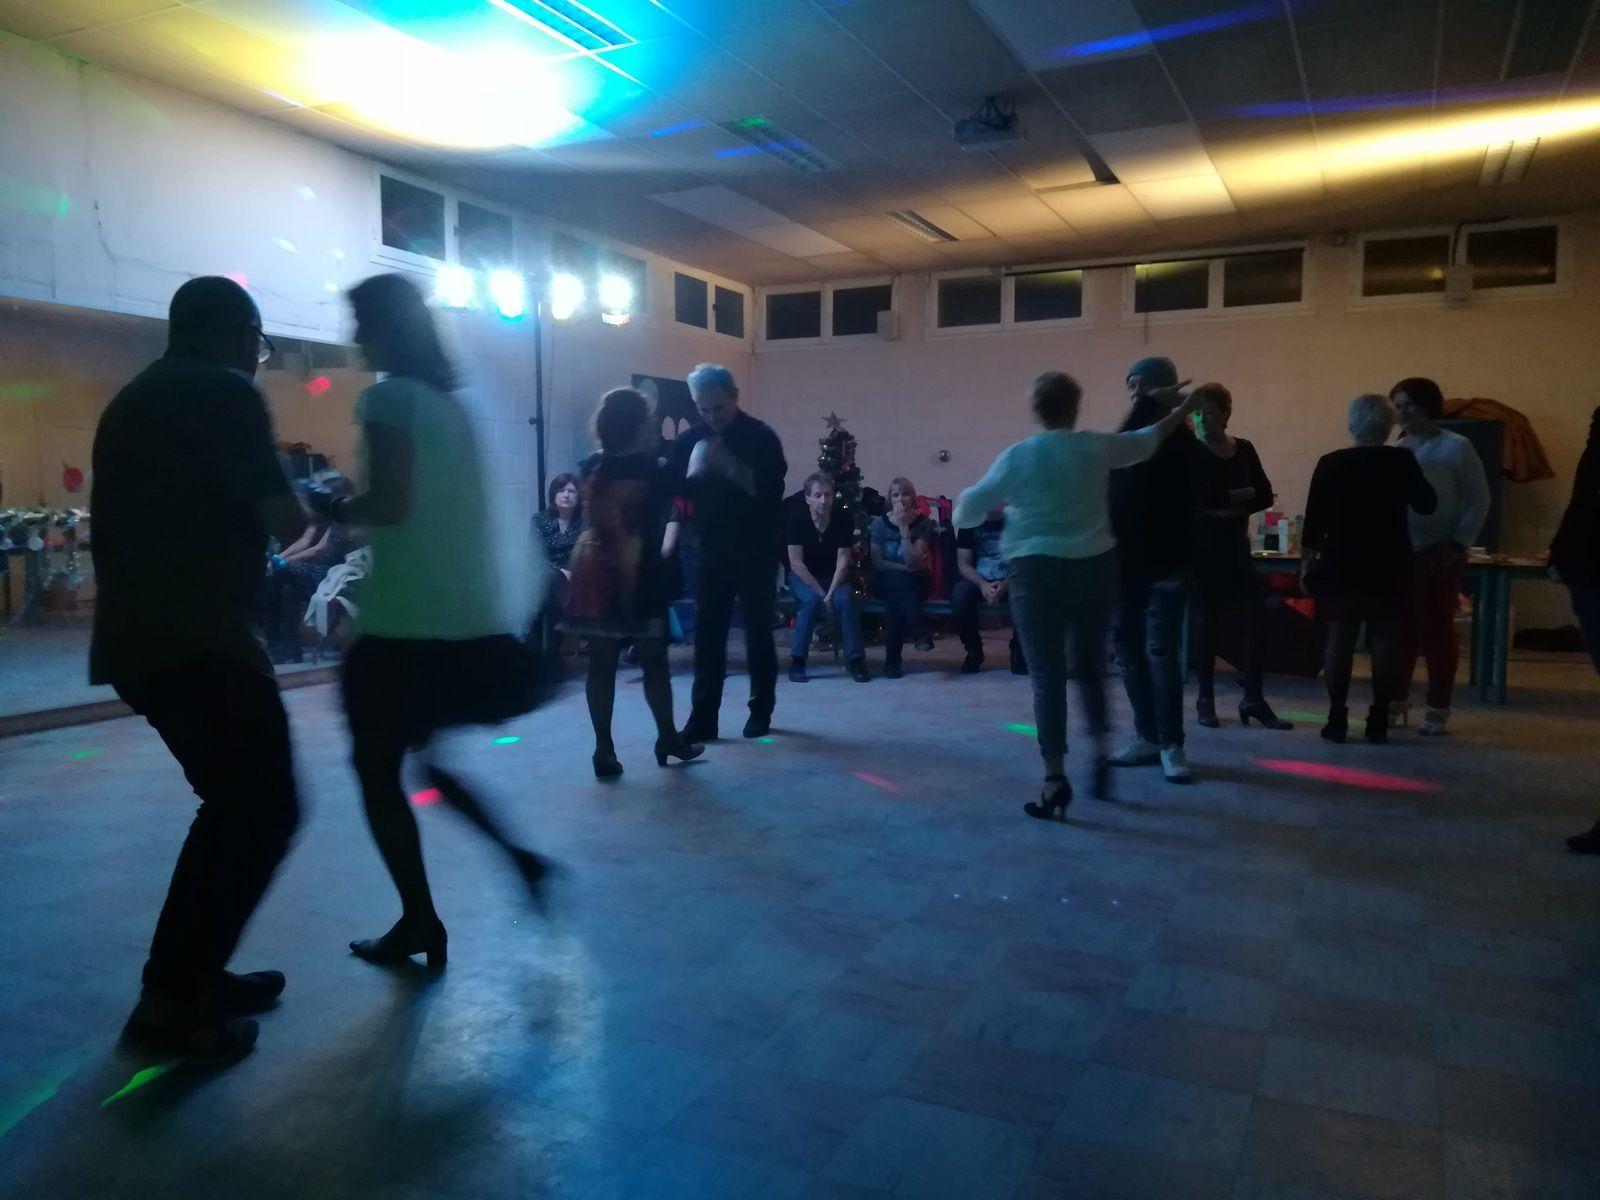 1ère soirée SBK : Salsa Bachata Kizomba. Une réussite !!! Nombreux sont venus malgré la météo peu clémente du moment. Les rythmes latinos mettent toujours du soleil dans nos coeurs et donnent envie de se dégourdir les jambes.